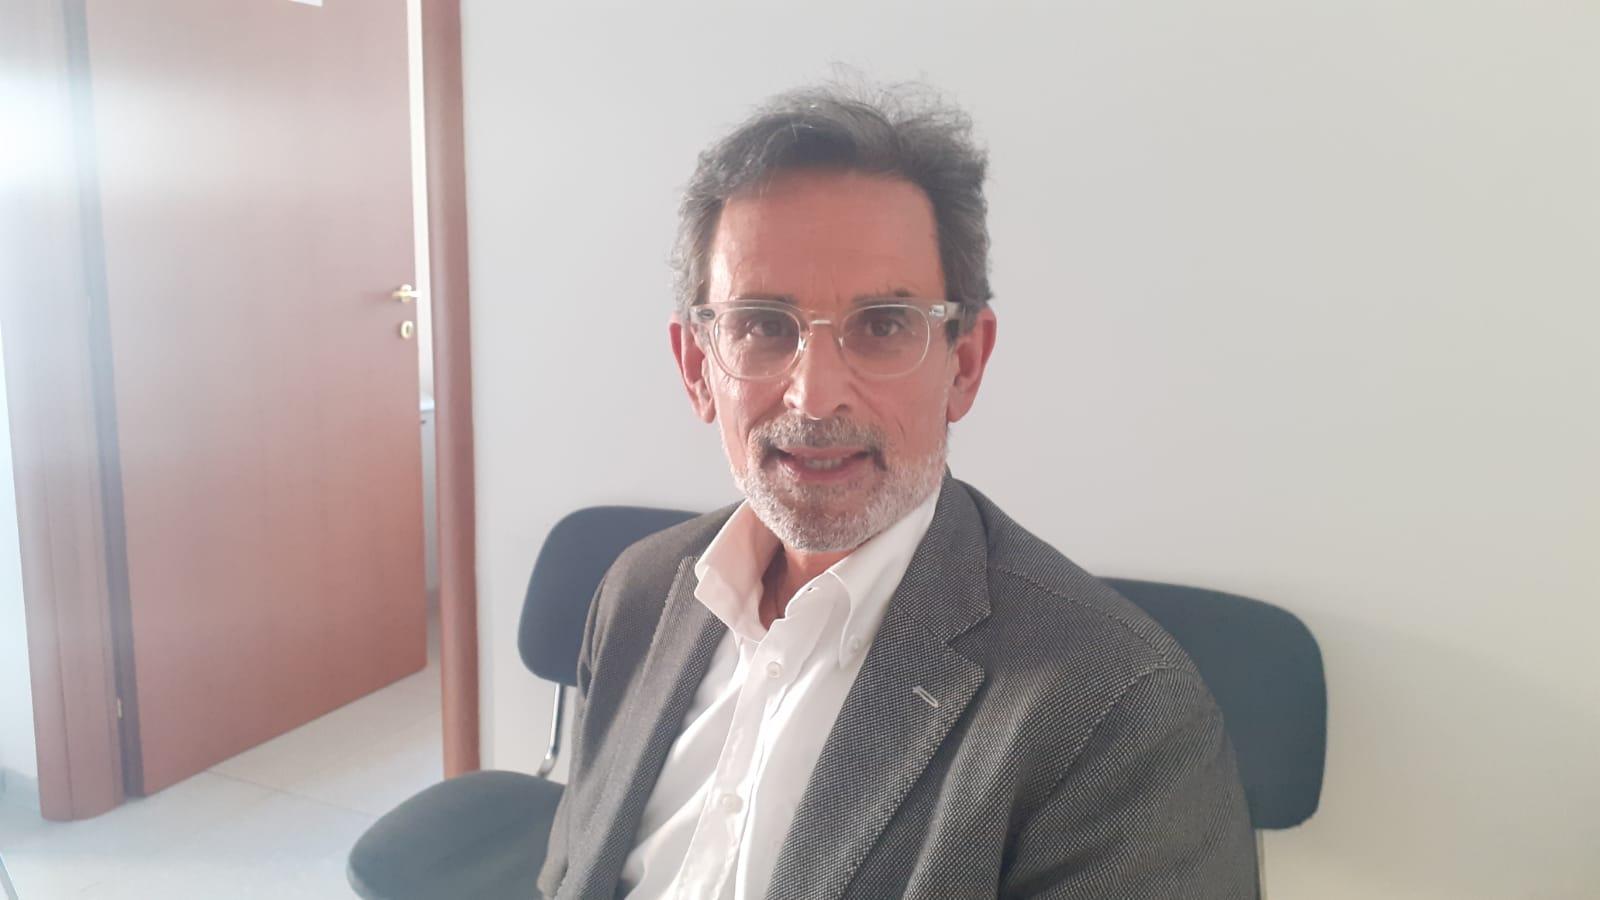 Progetto Lumode, Perifano: 'Una Caporetto per l'amministrazione. Mai più improvvisazione e sciatteria'